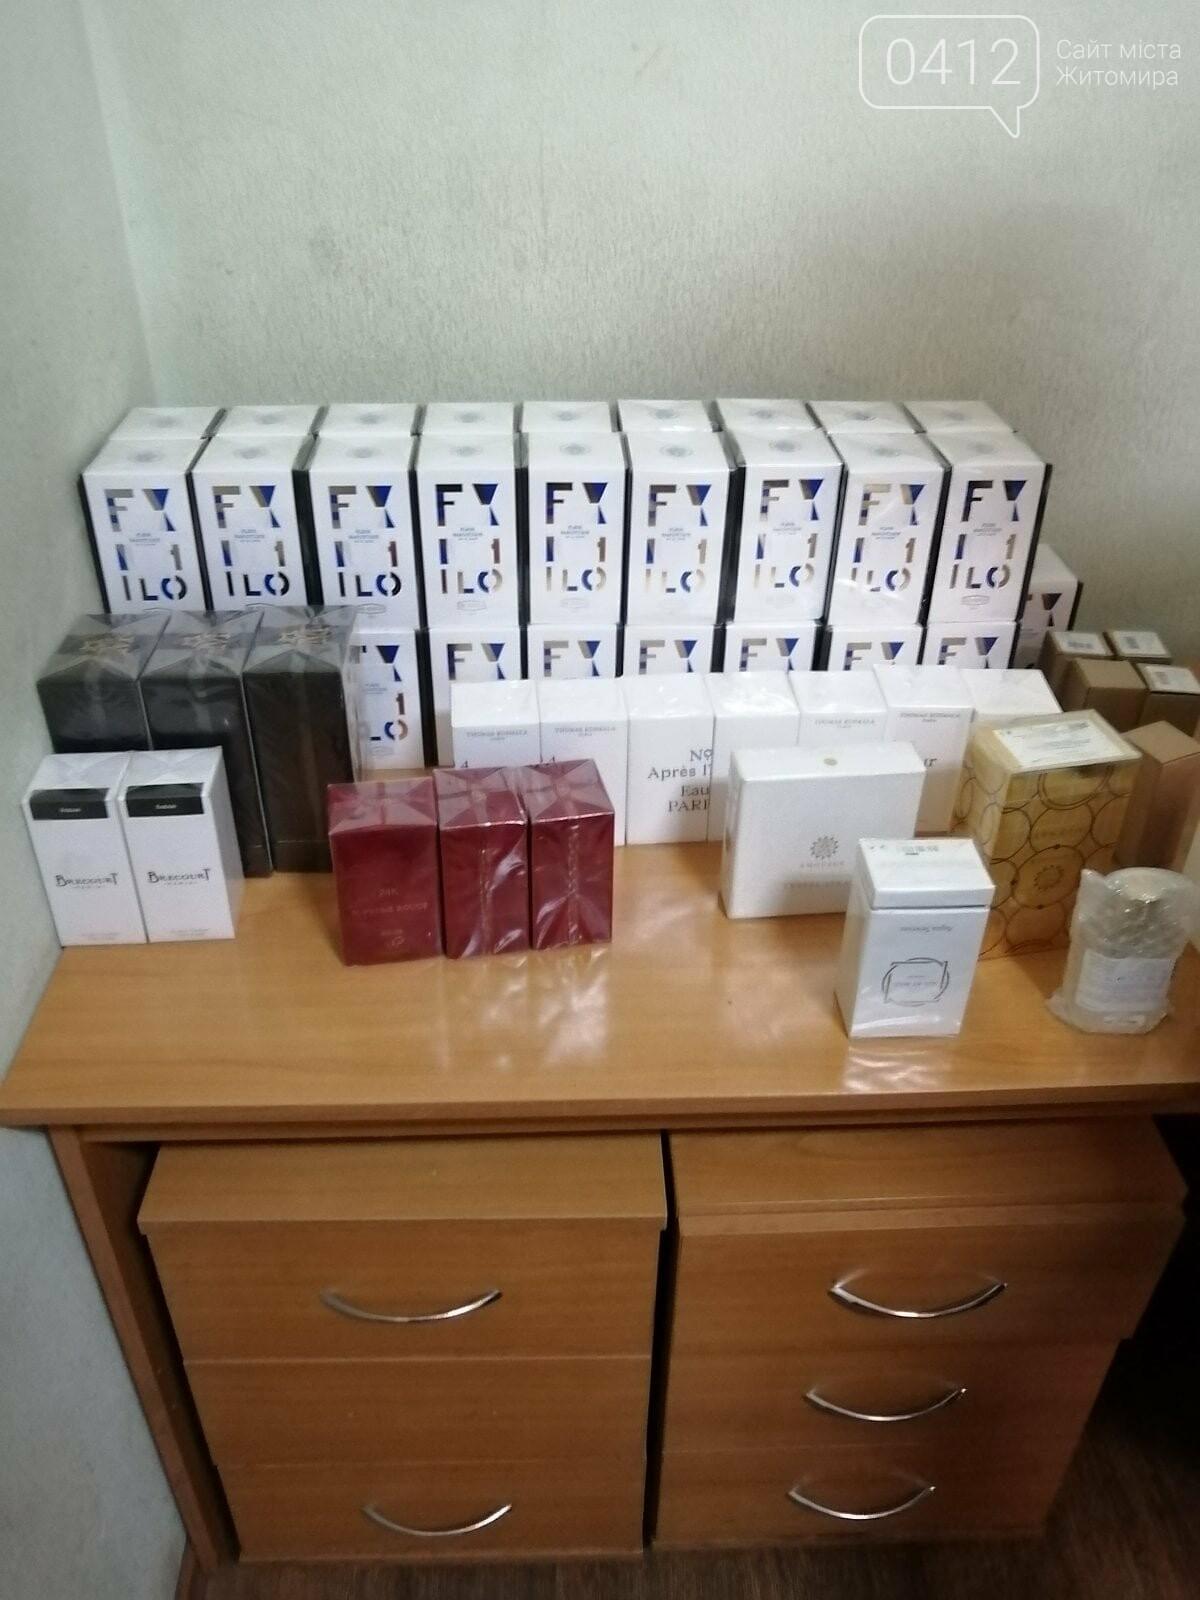 Не пахне ні парфумами, ні автомобілем: у пункті пропуску «Нові Яриловичі» виявили контрабандні парфуми іноземних брендів, фото-5